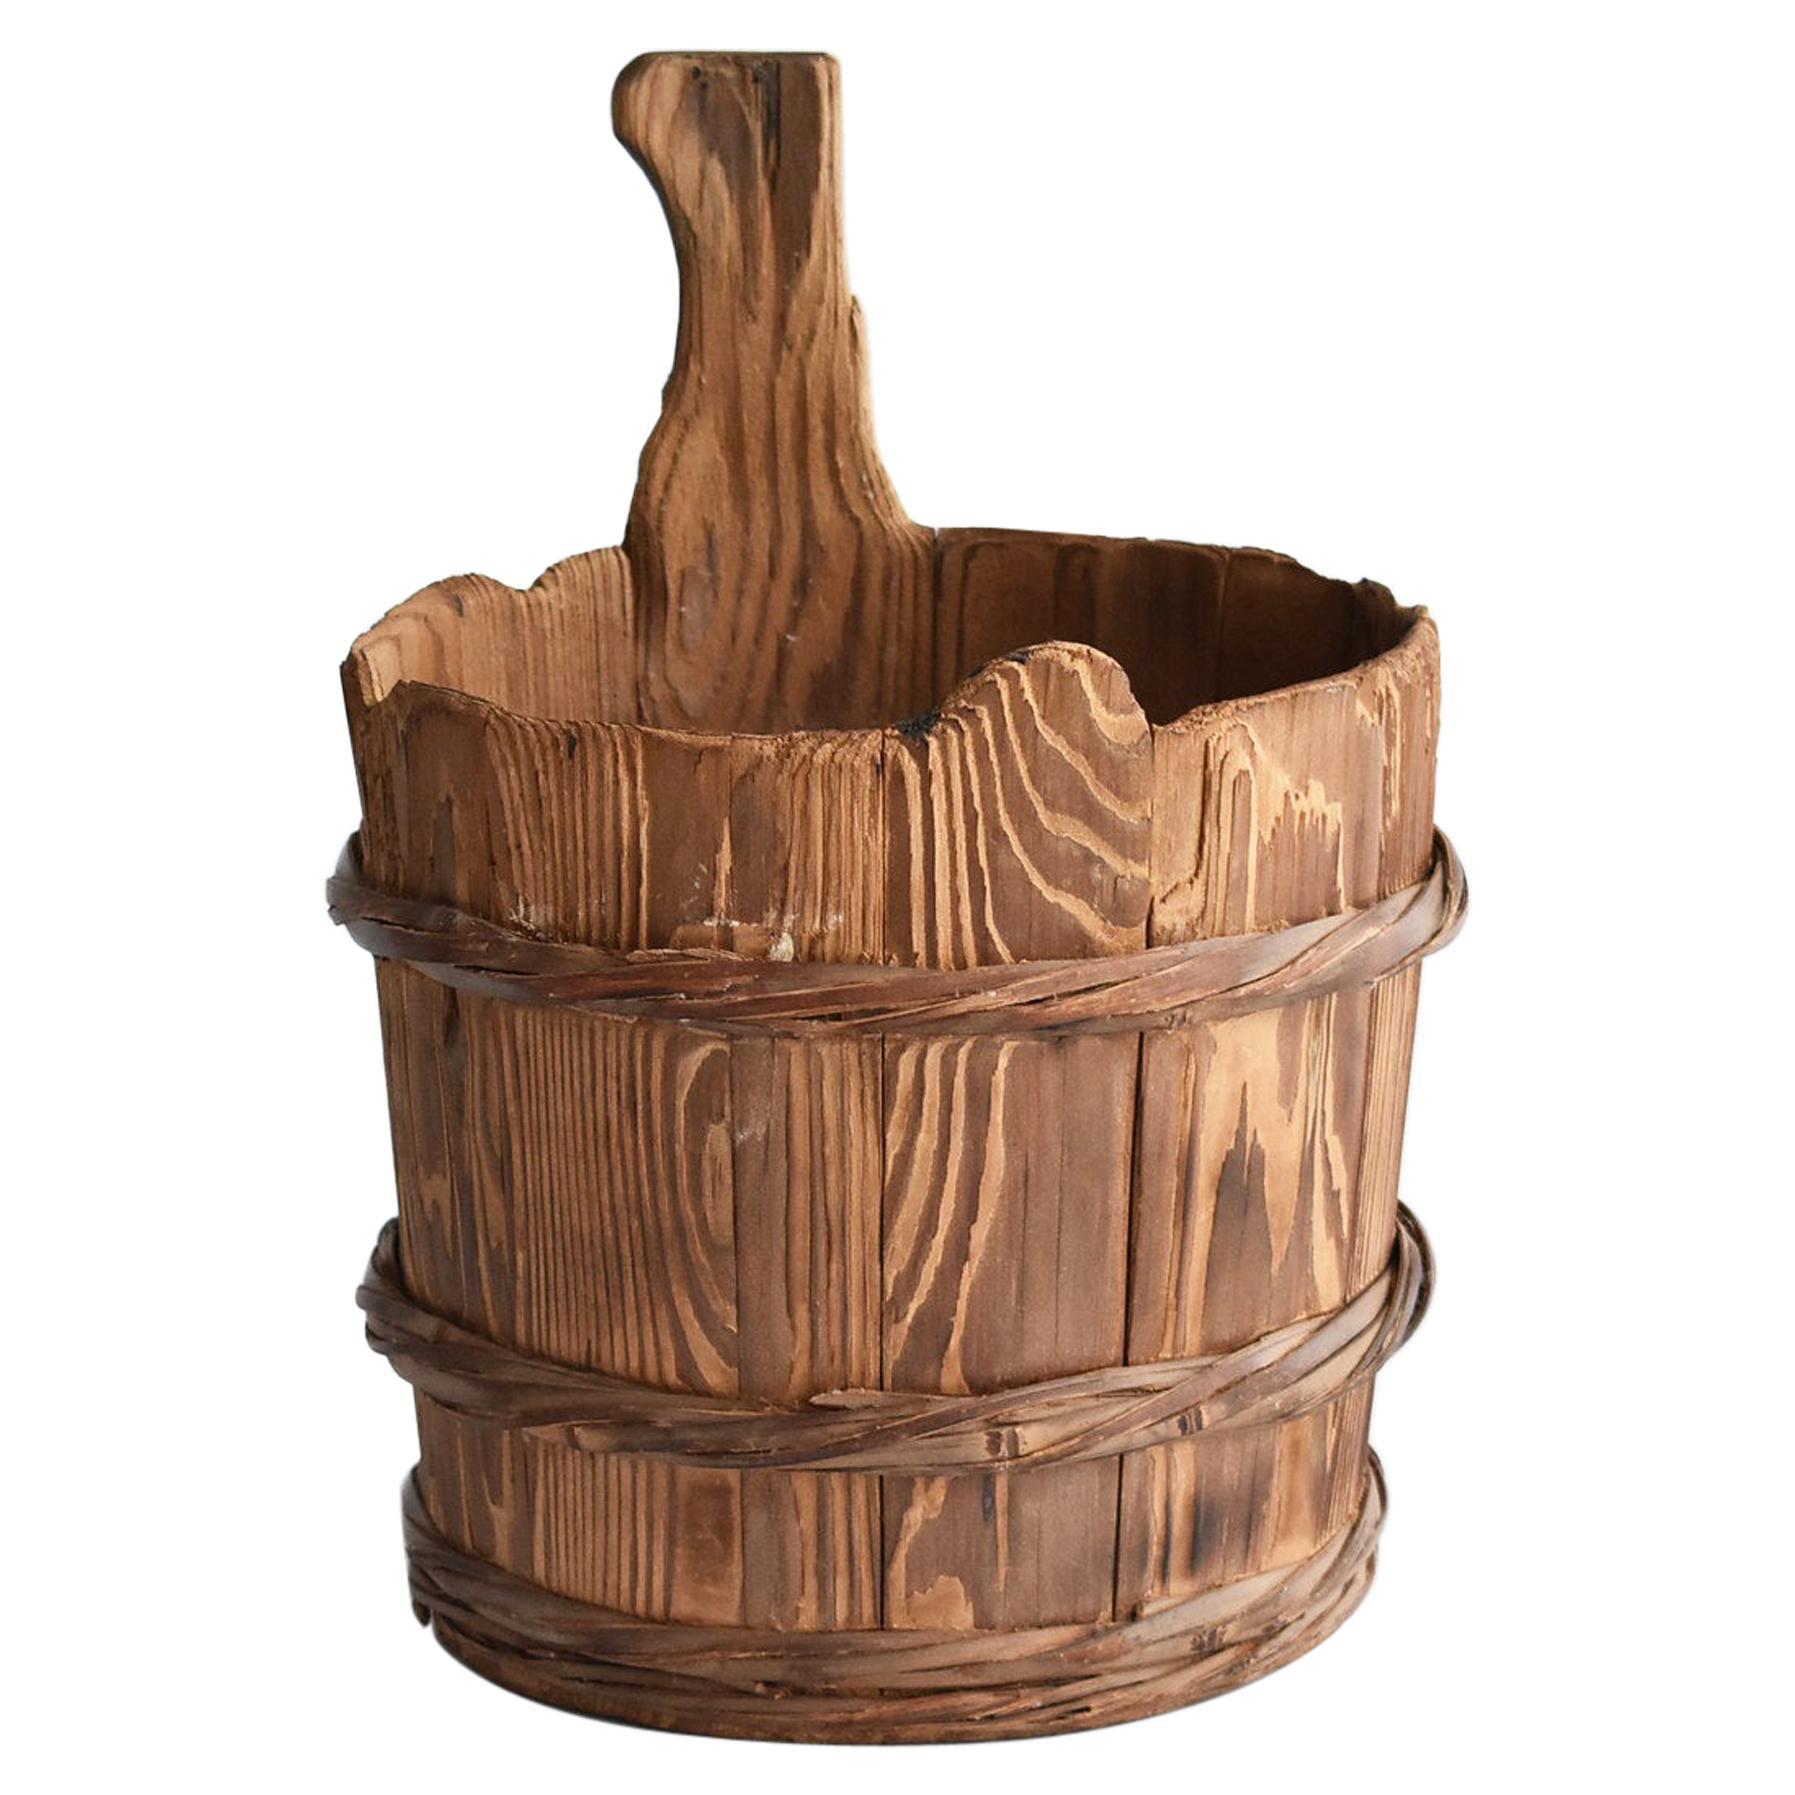 Japanese Old Wooden Bucket /Antique Vase /Wabi-Sabi Old Folk Implement